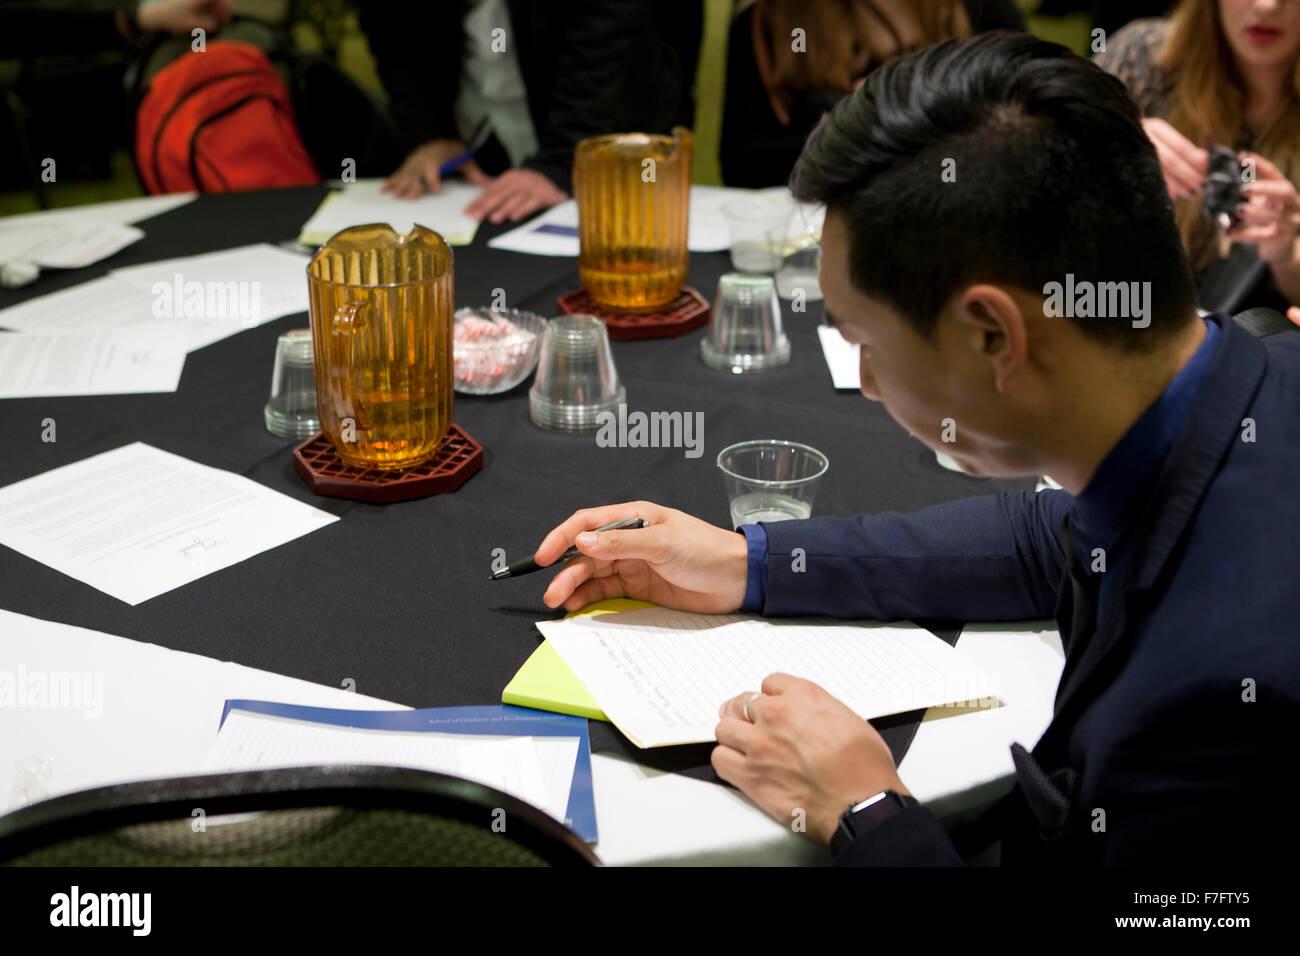 Joven hombre asiático rellenando una solicitud en la contratación justos - Arlington, Virginia, EE.UU. Imagen De Stock